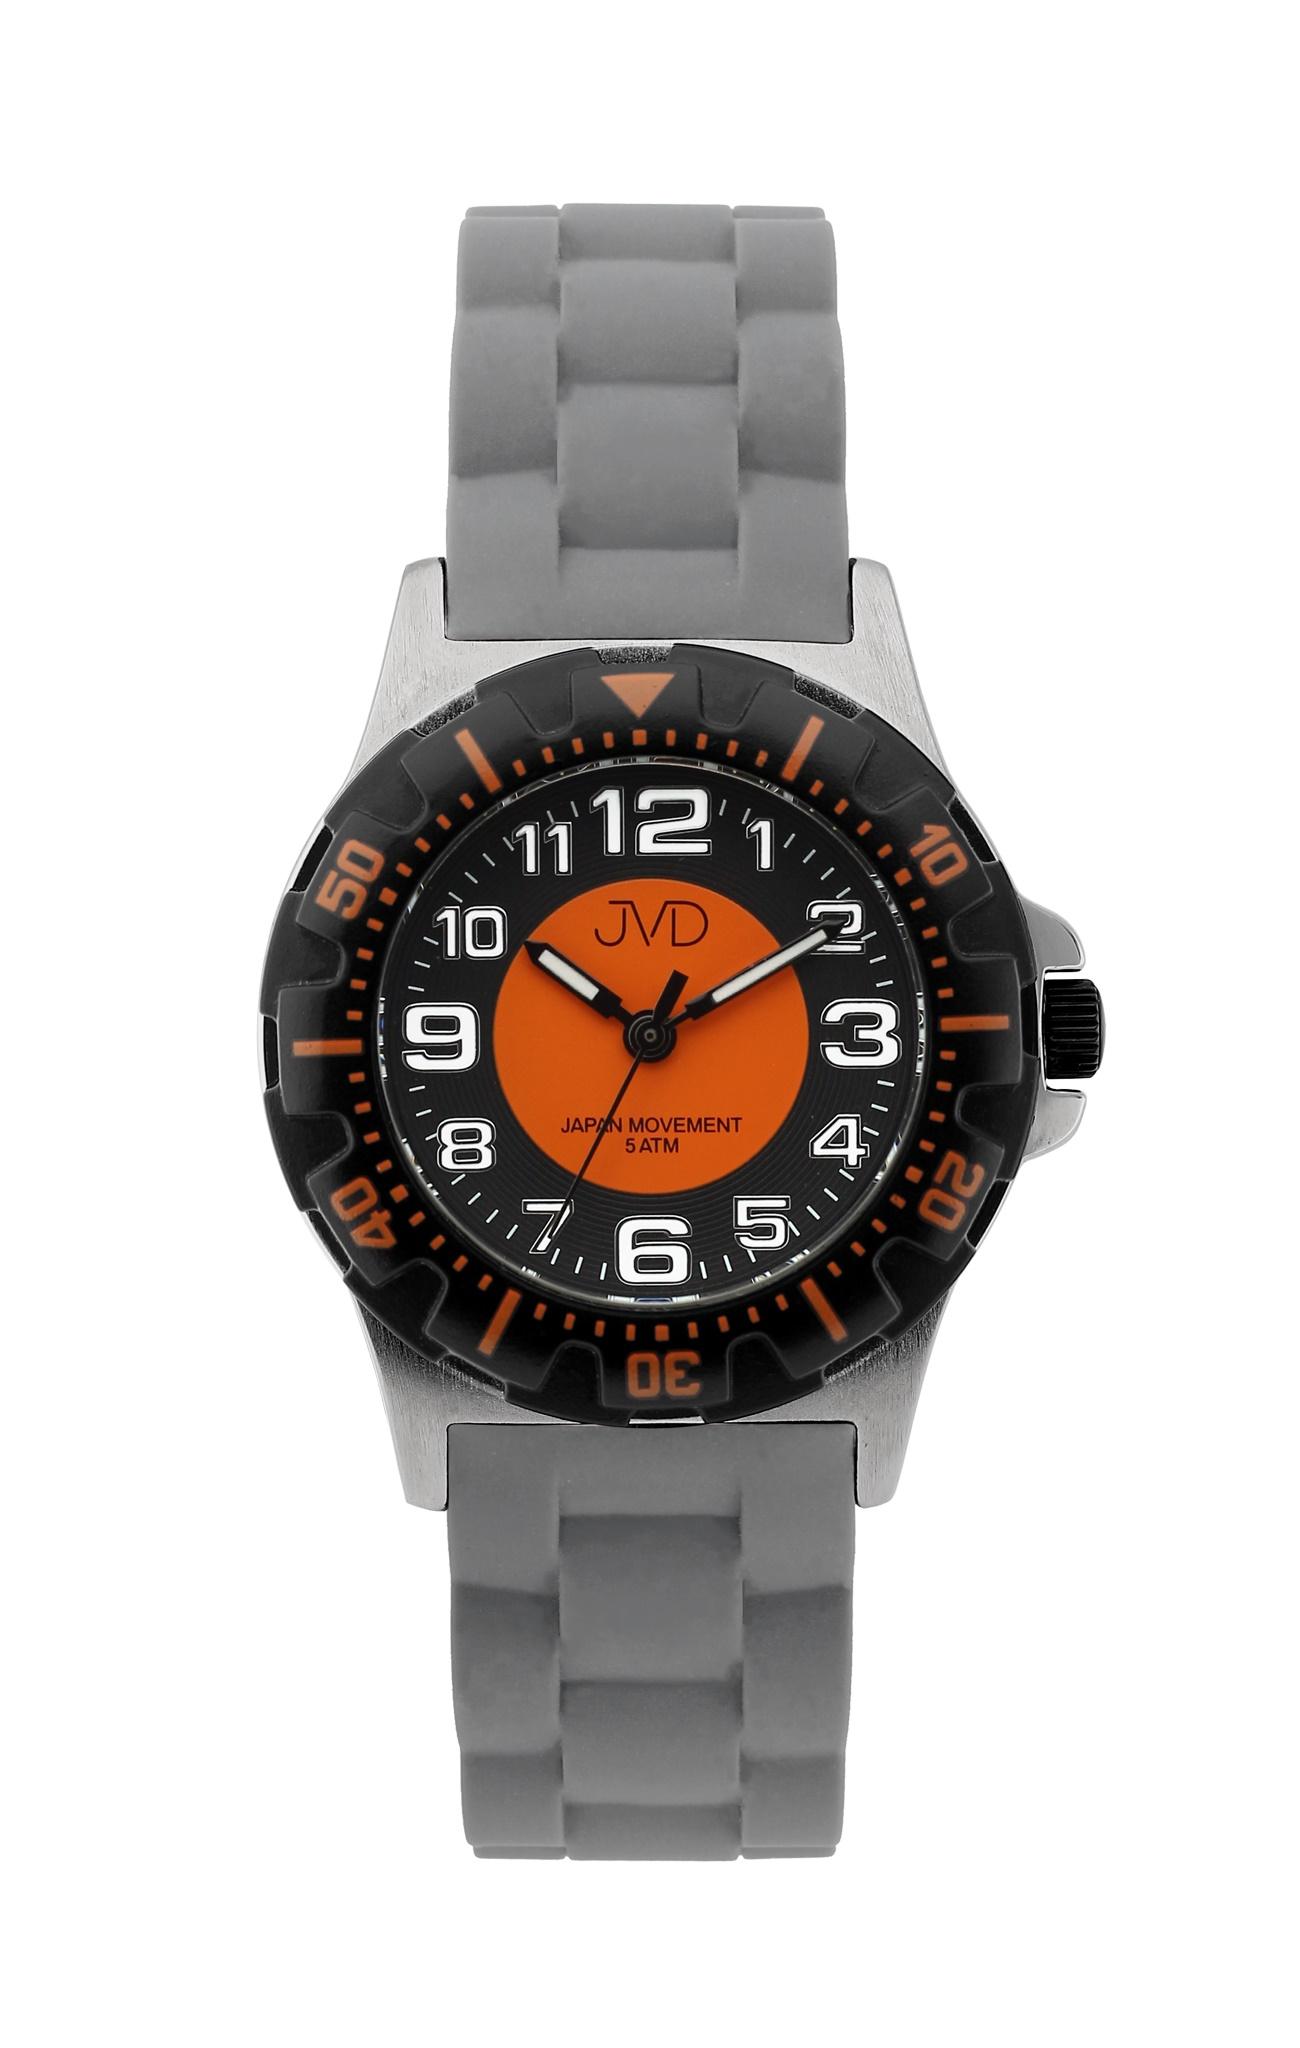 Chlapecké dětské vodotěsné sportovní hodinky JVD J7168.7 - 5ATM (oranžové chlapecké voděodolné hodinky)